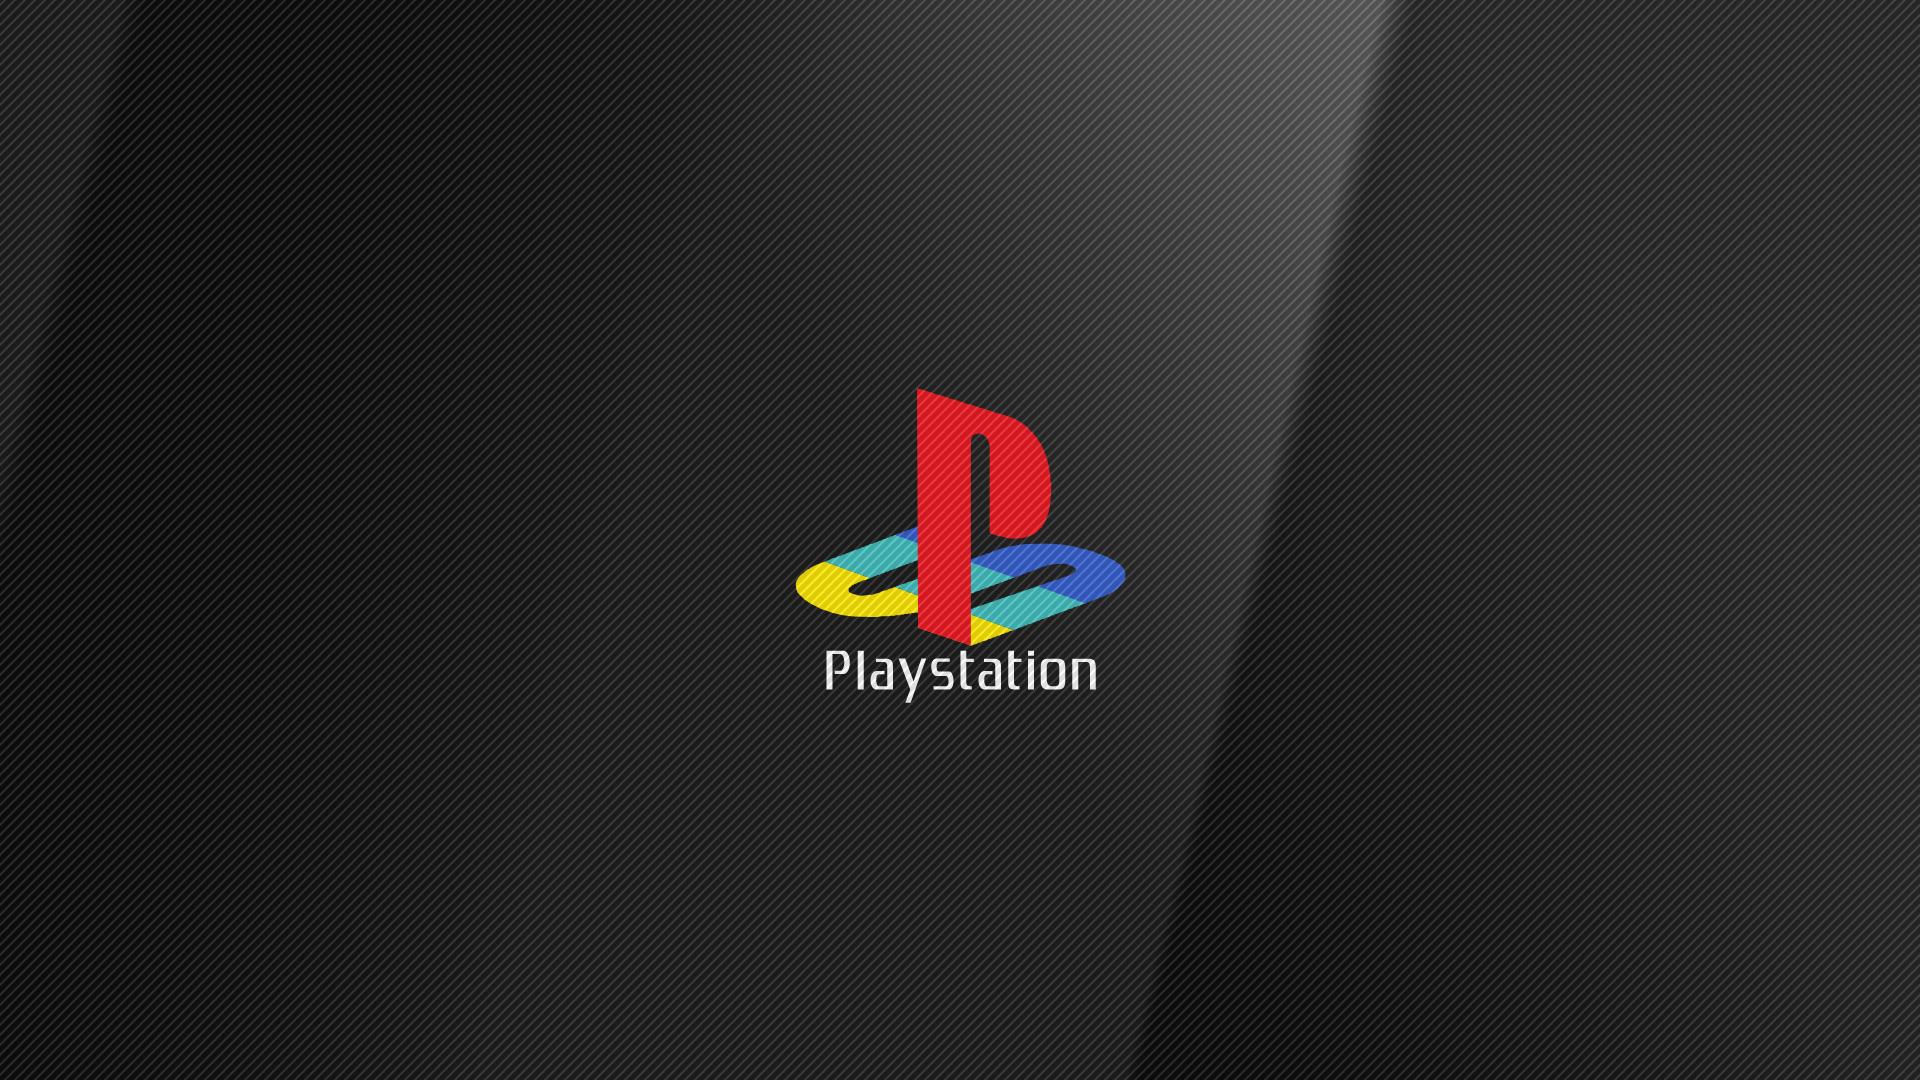 sony playstation logo wallpaper 41197